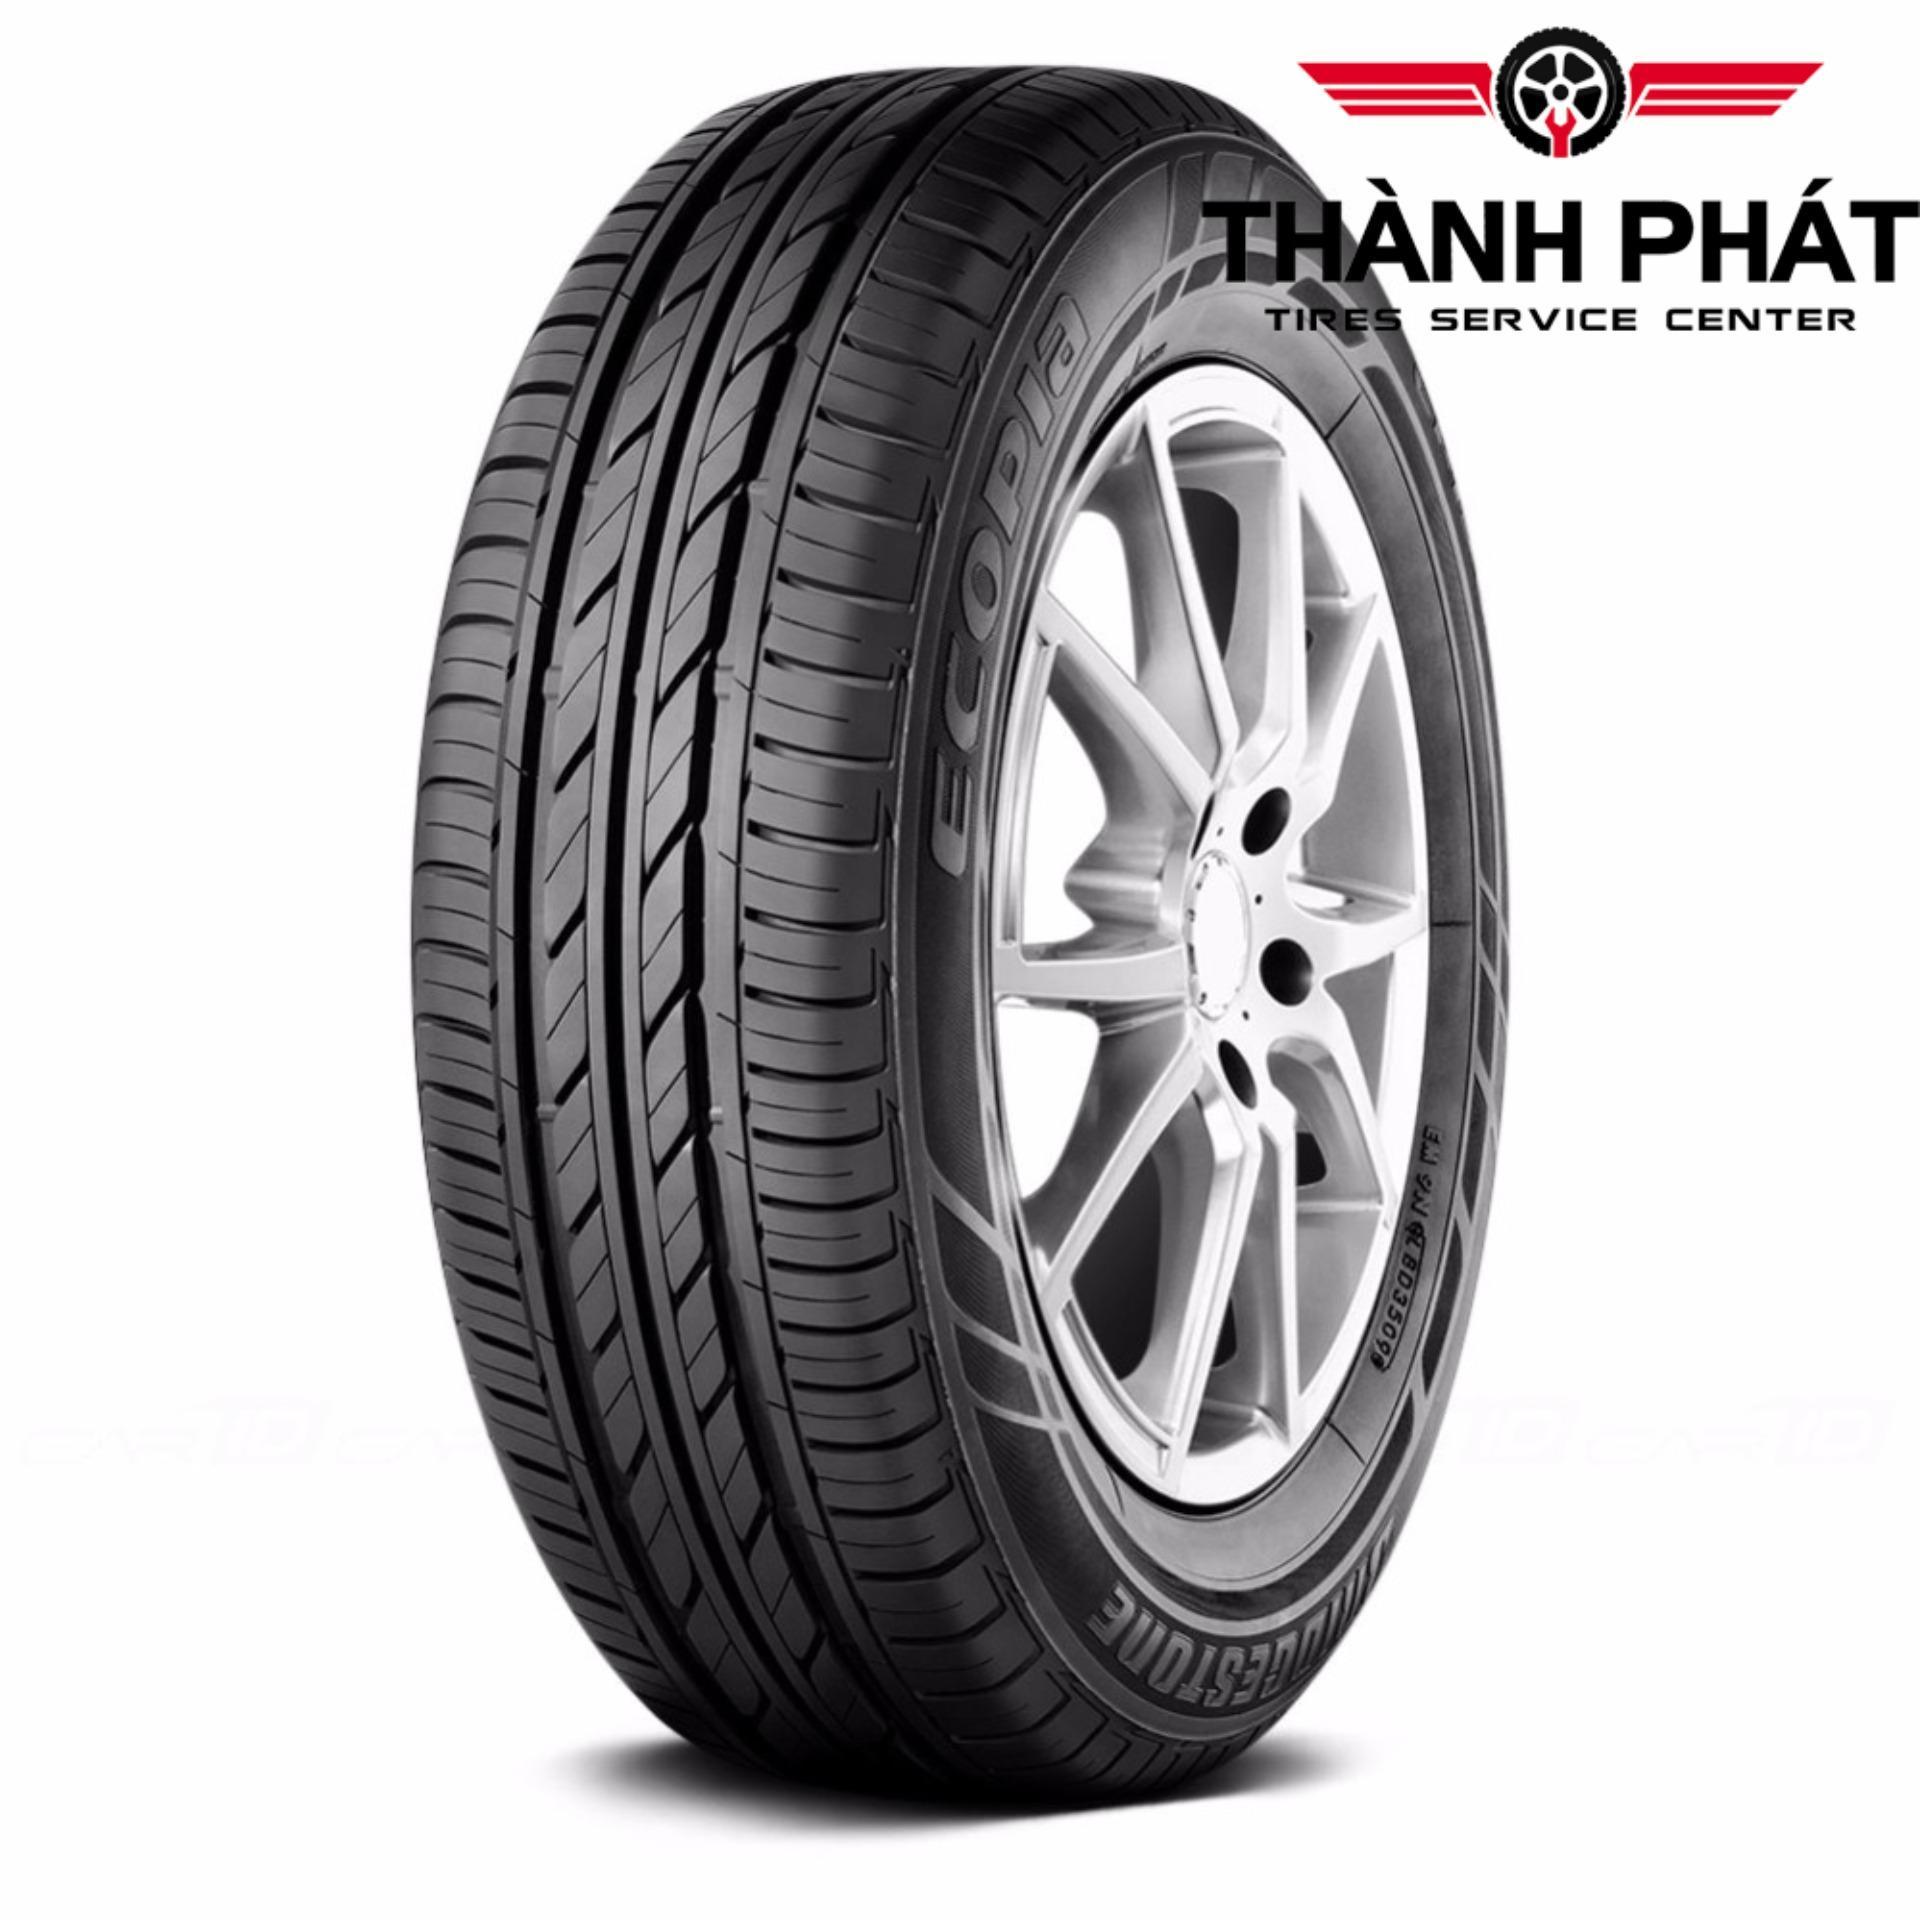 Giá Bán Lốp Xe O To Bridgestone Ecopia 165 65R14 Miễn Phi Lắp Đặt Trực Tuyến